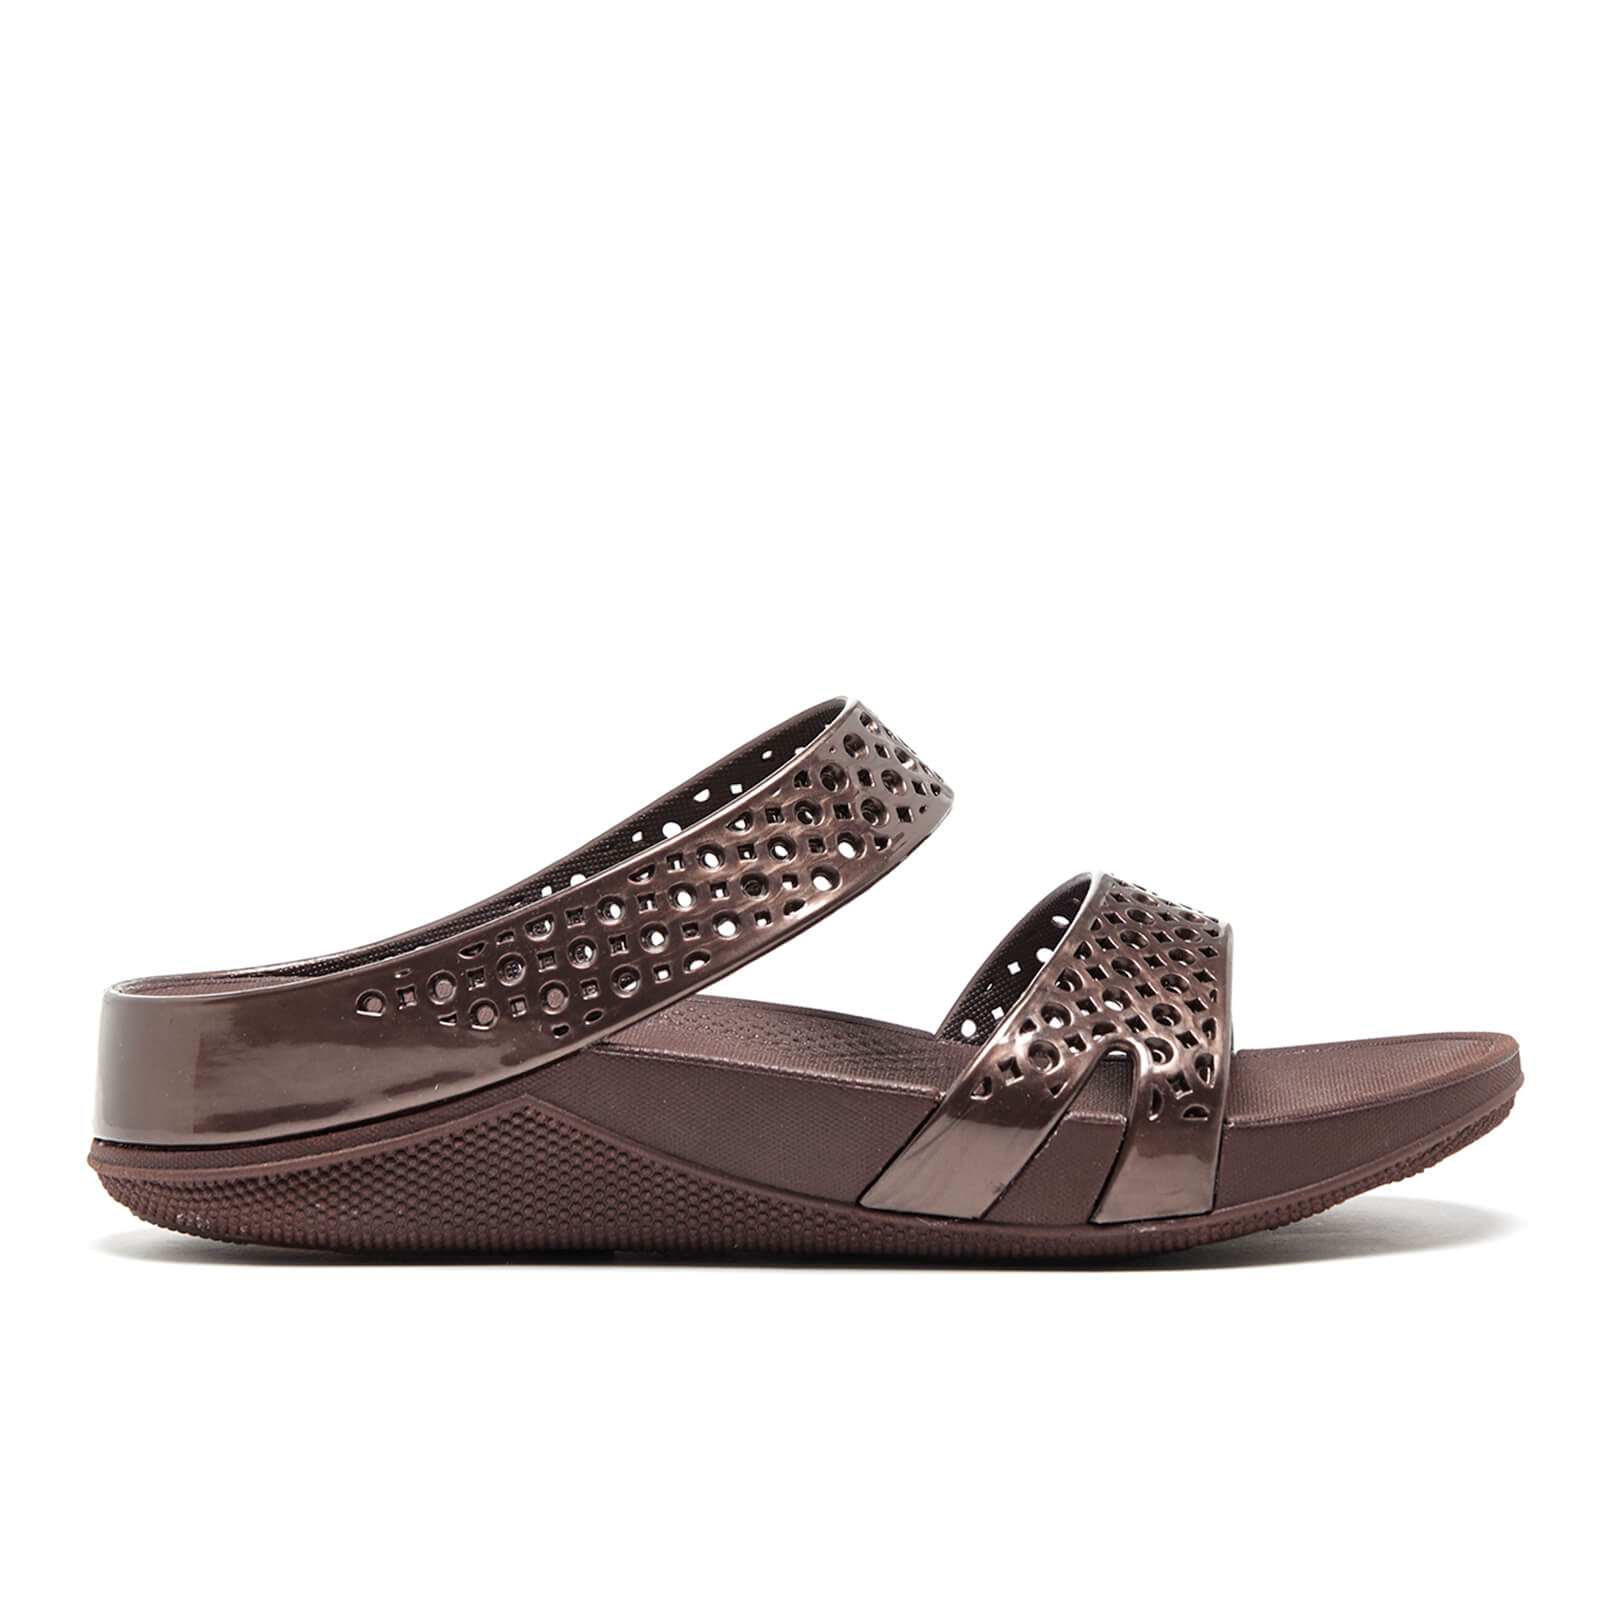 fdfac8fe3ef5 FitFlop Women s Welljelly Z-Slide Sandals - Bronze Womens Accessories